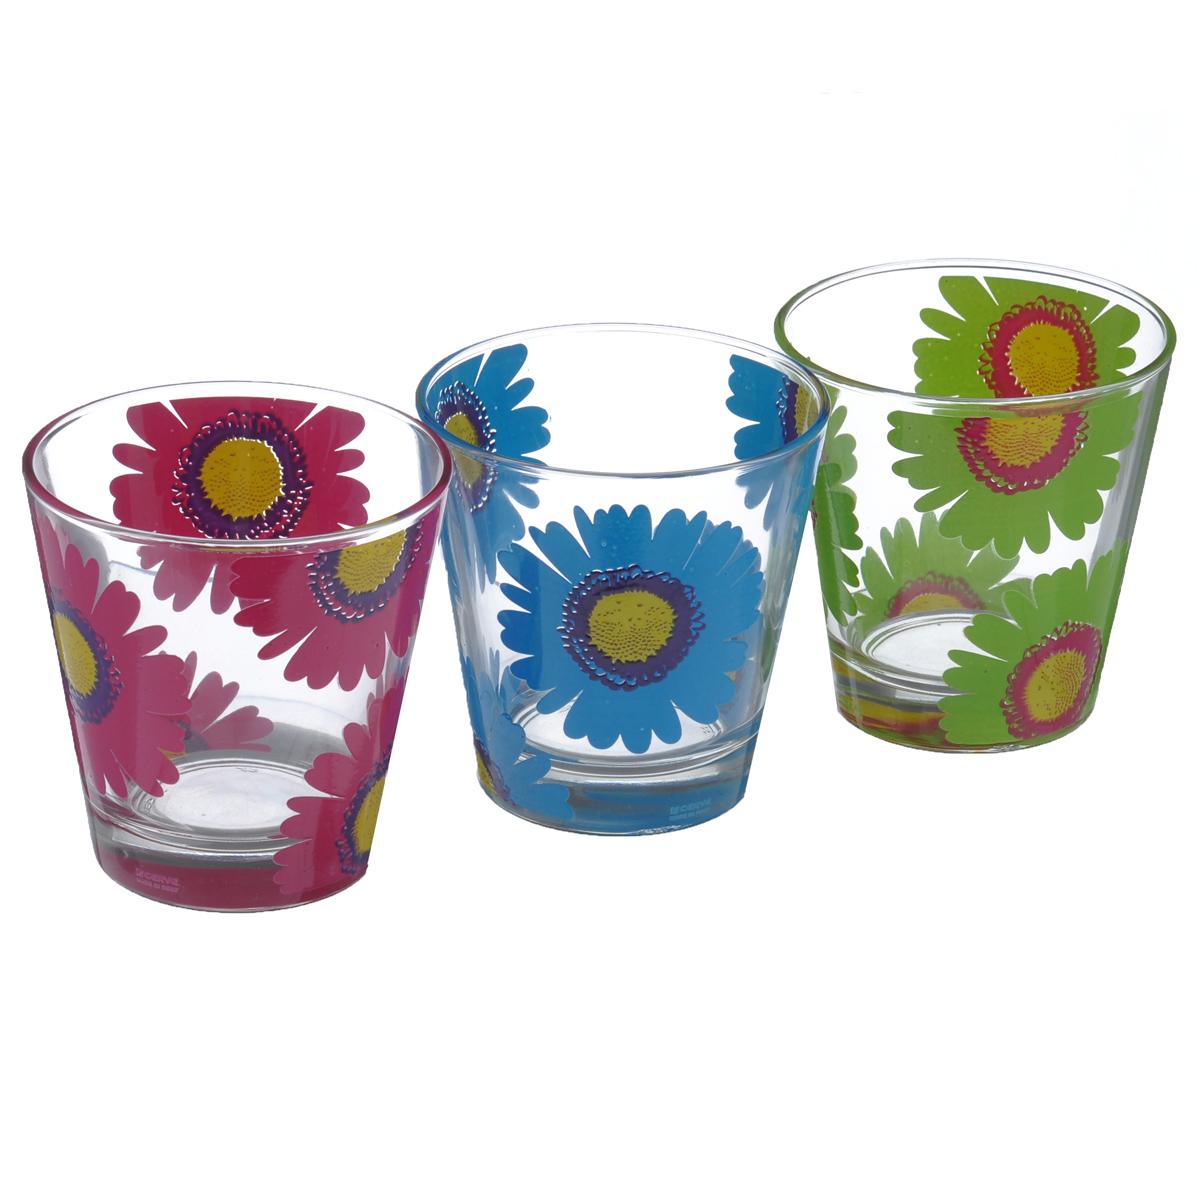 Набор стаканов Cerve Герберы, 250 мл, 3 шт салатница cerve кофейня цвет прозрачный черный 690 мл